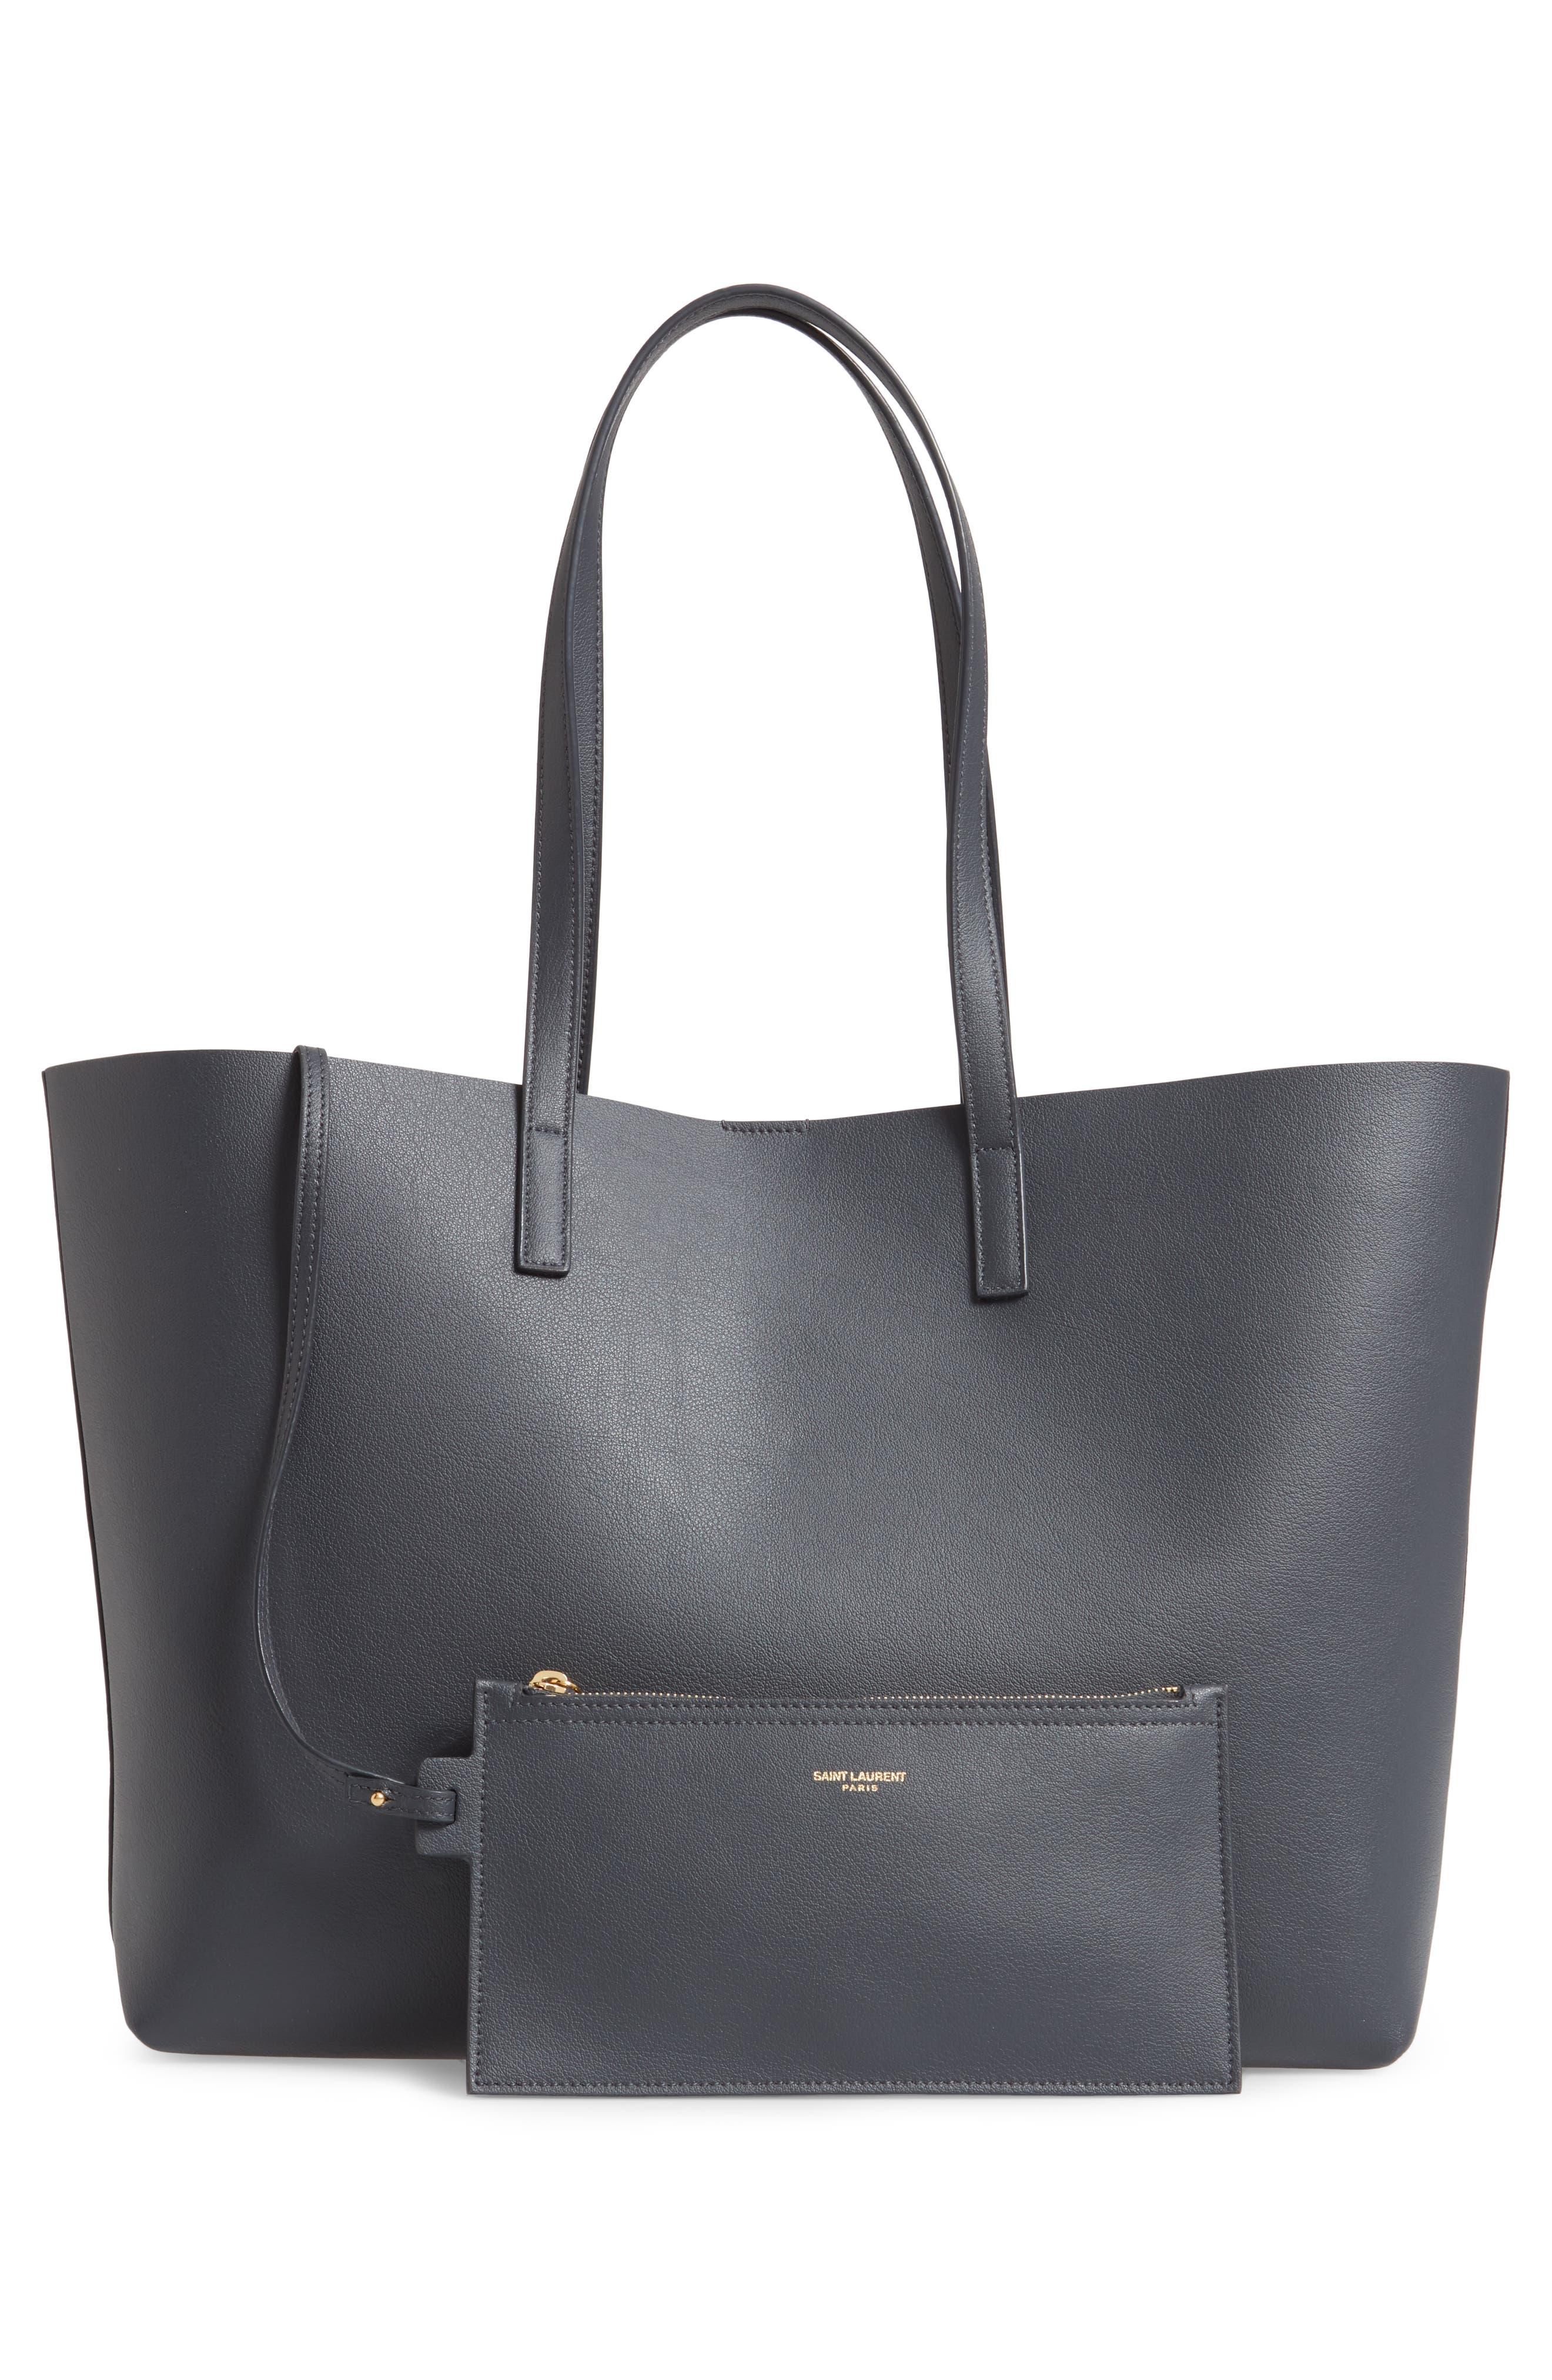 eb562a47c3 ysl handbags   Nordstrom